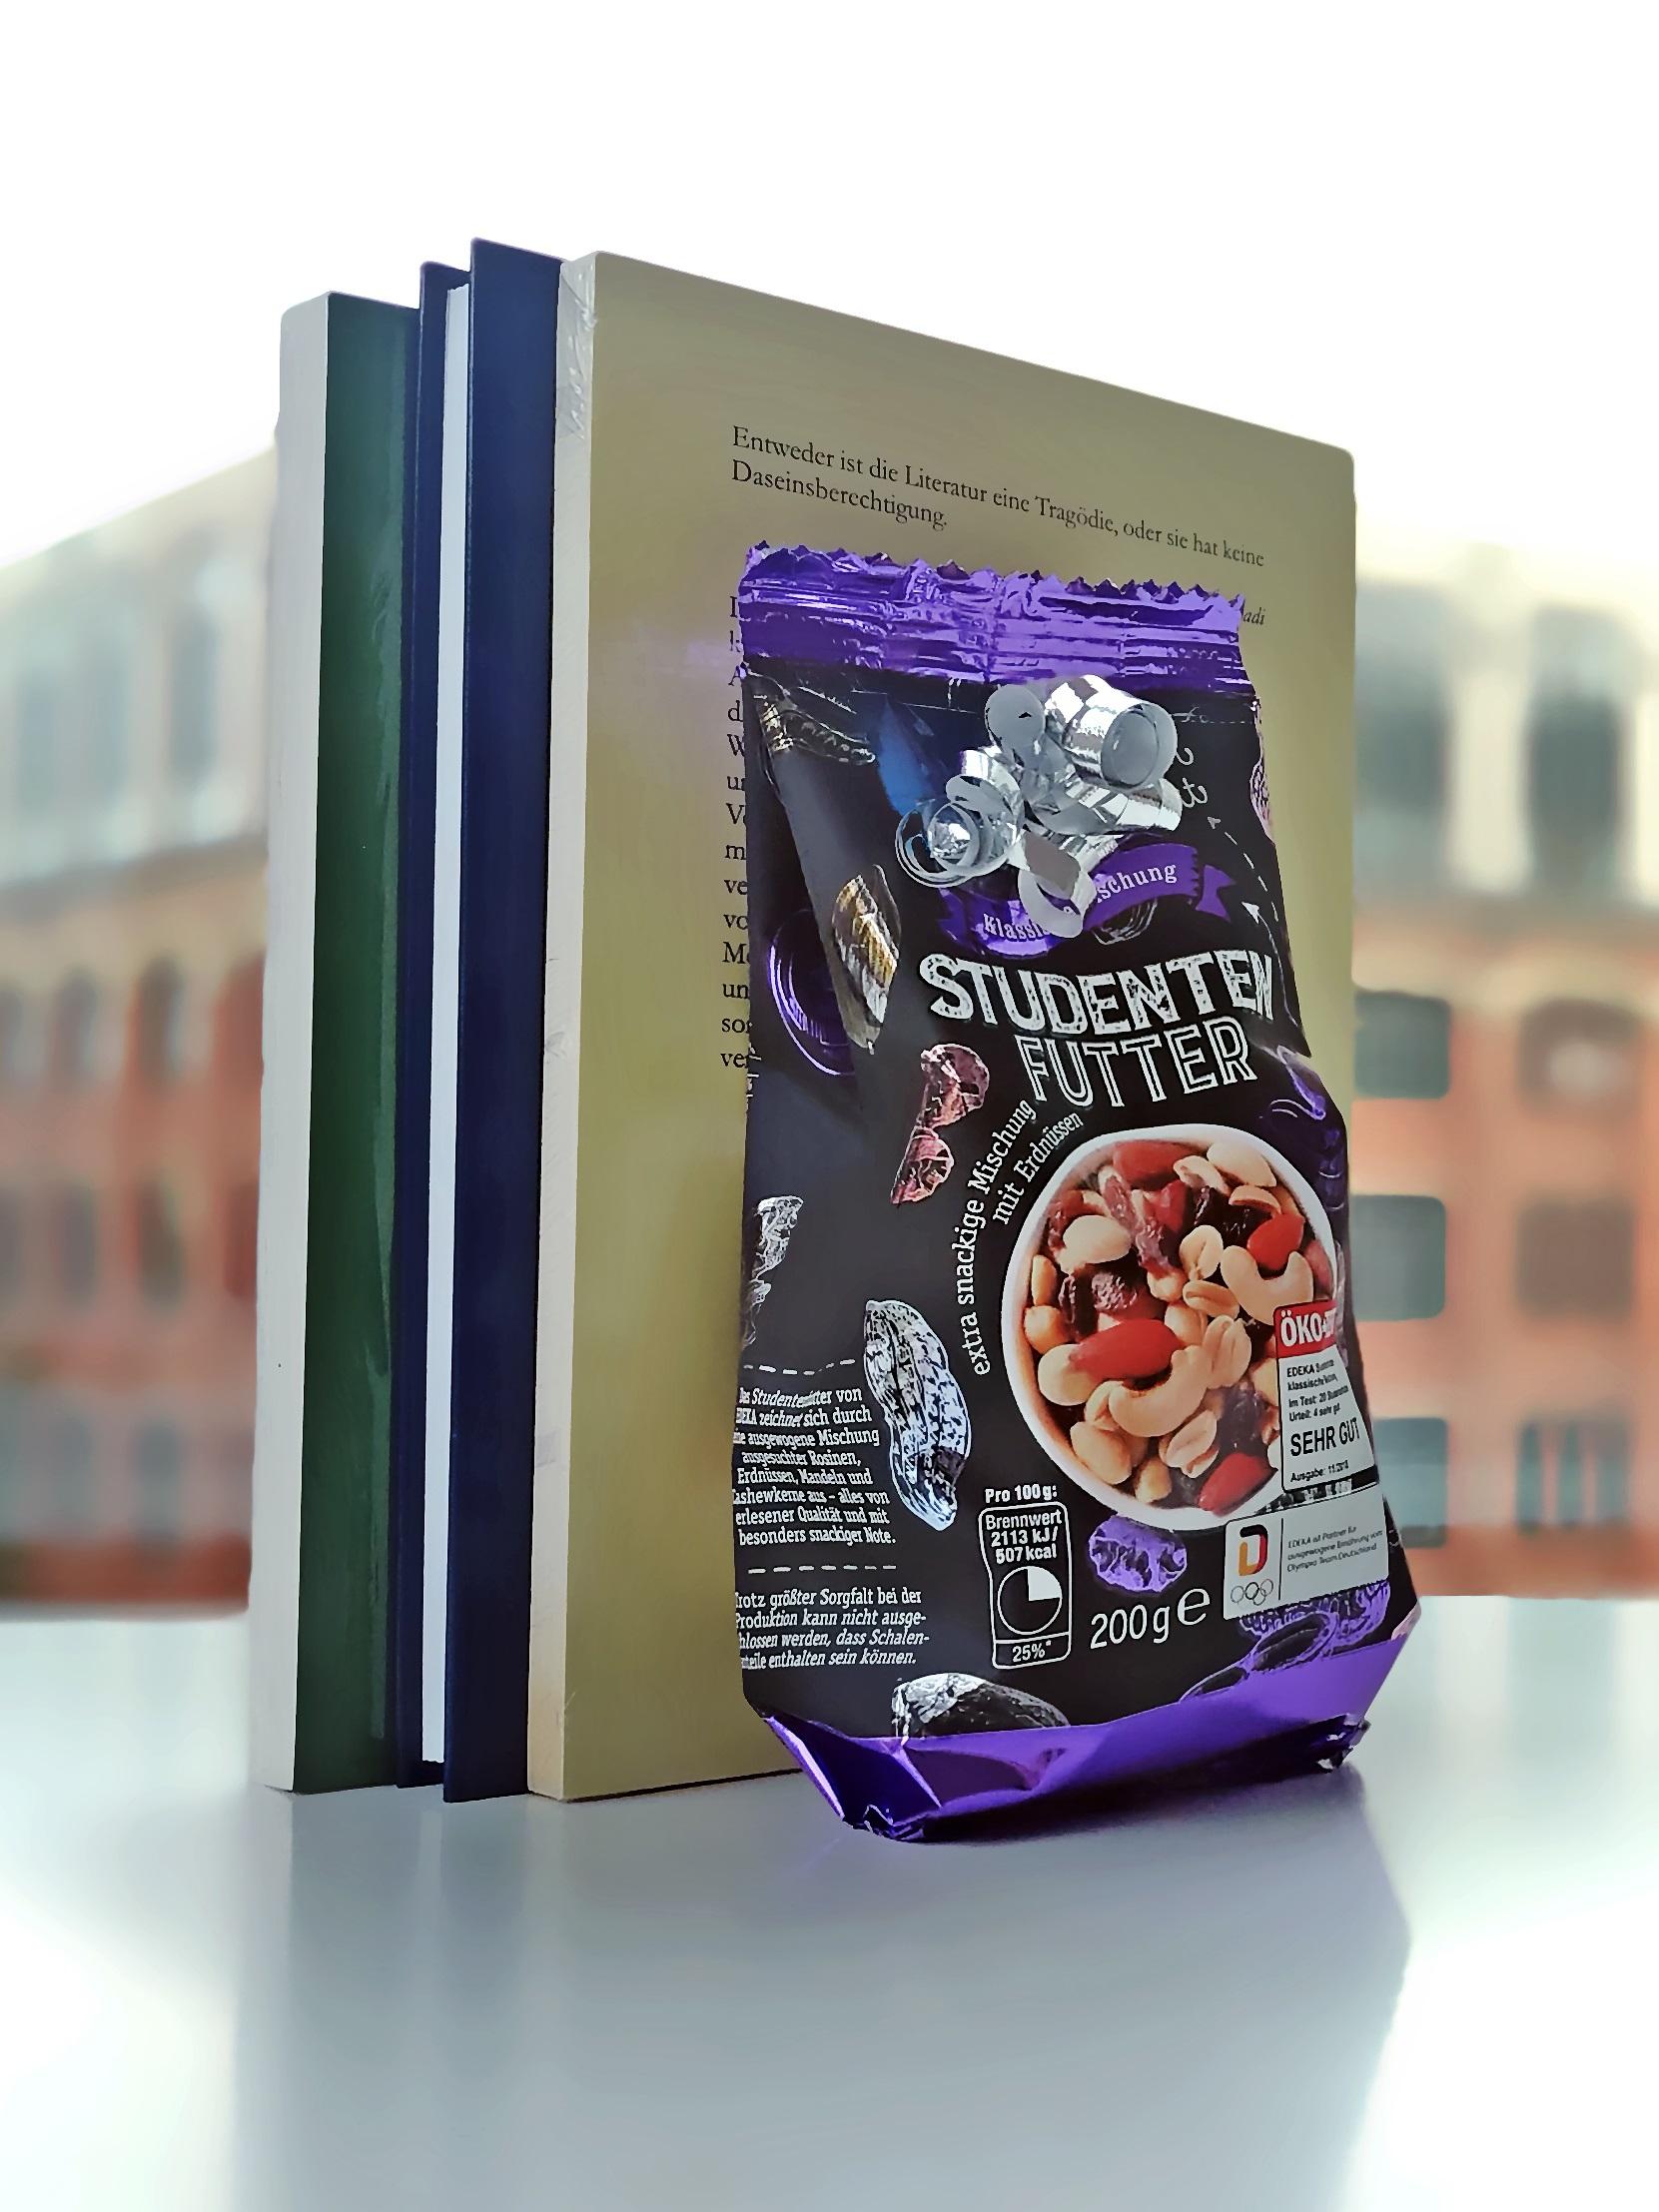 Zus sehen ist das Angebot Studierendenfutter - Buchpaket für Arabistik mit Studentenfutter und drei Büchern vor einer Glaswand